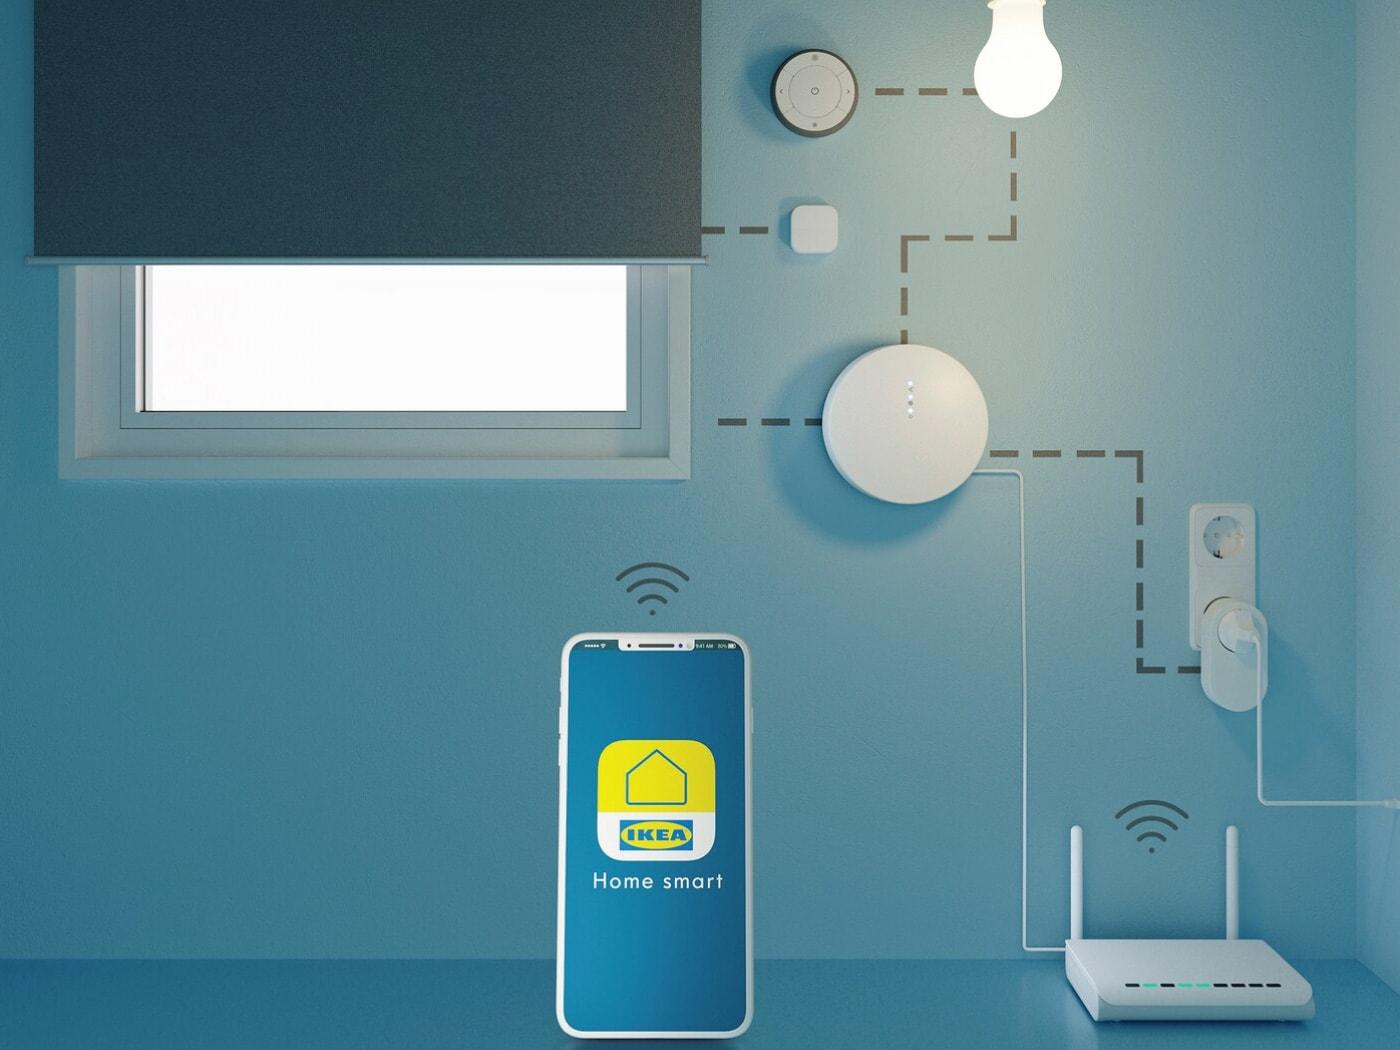 Pregled veza u konfiguraciji aplikacije IKEA Home smart.